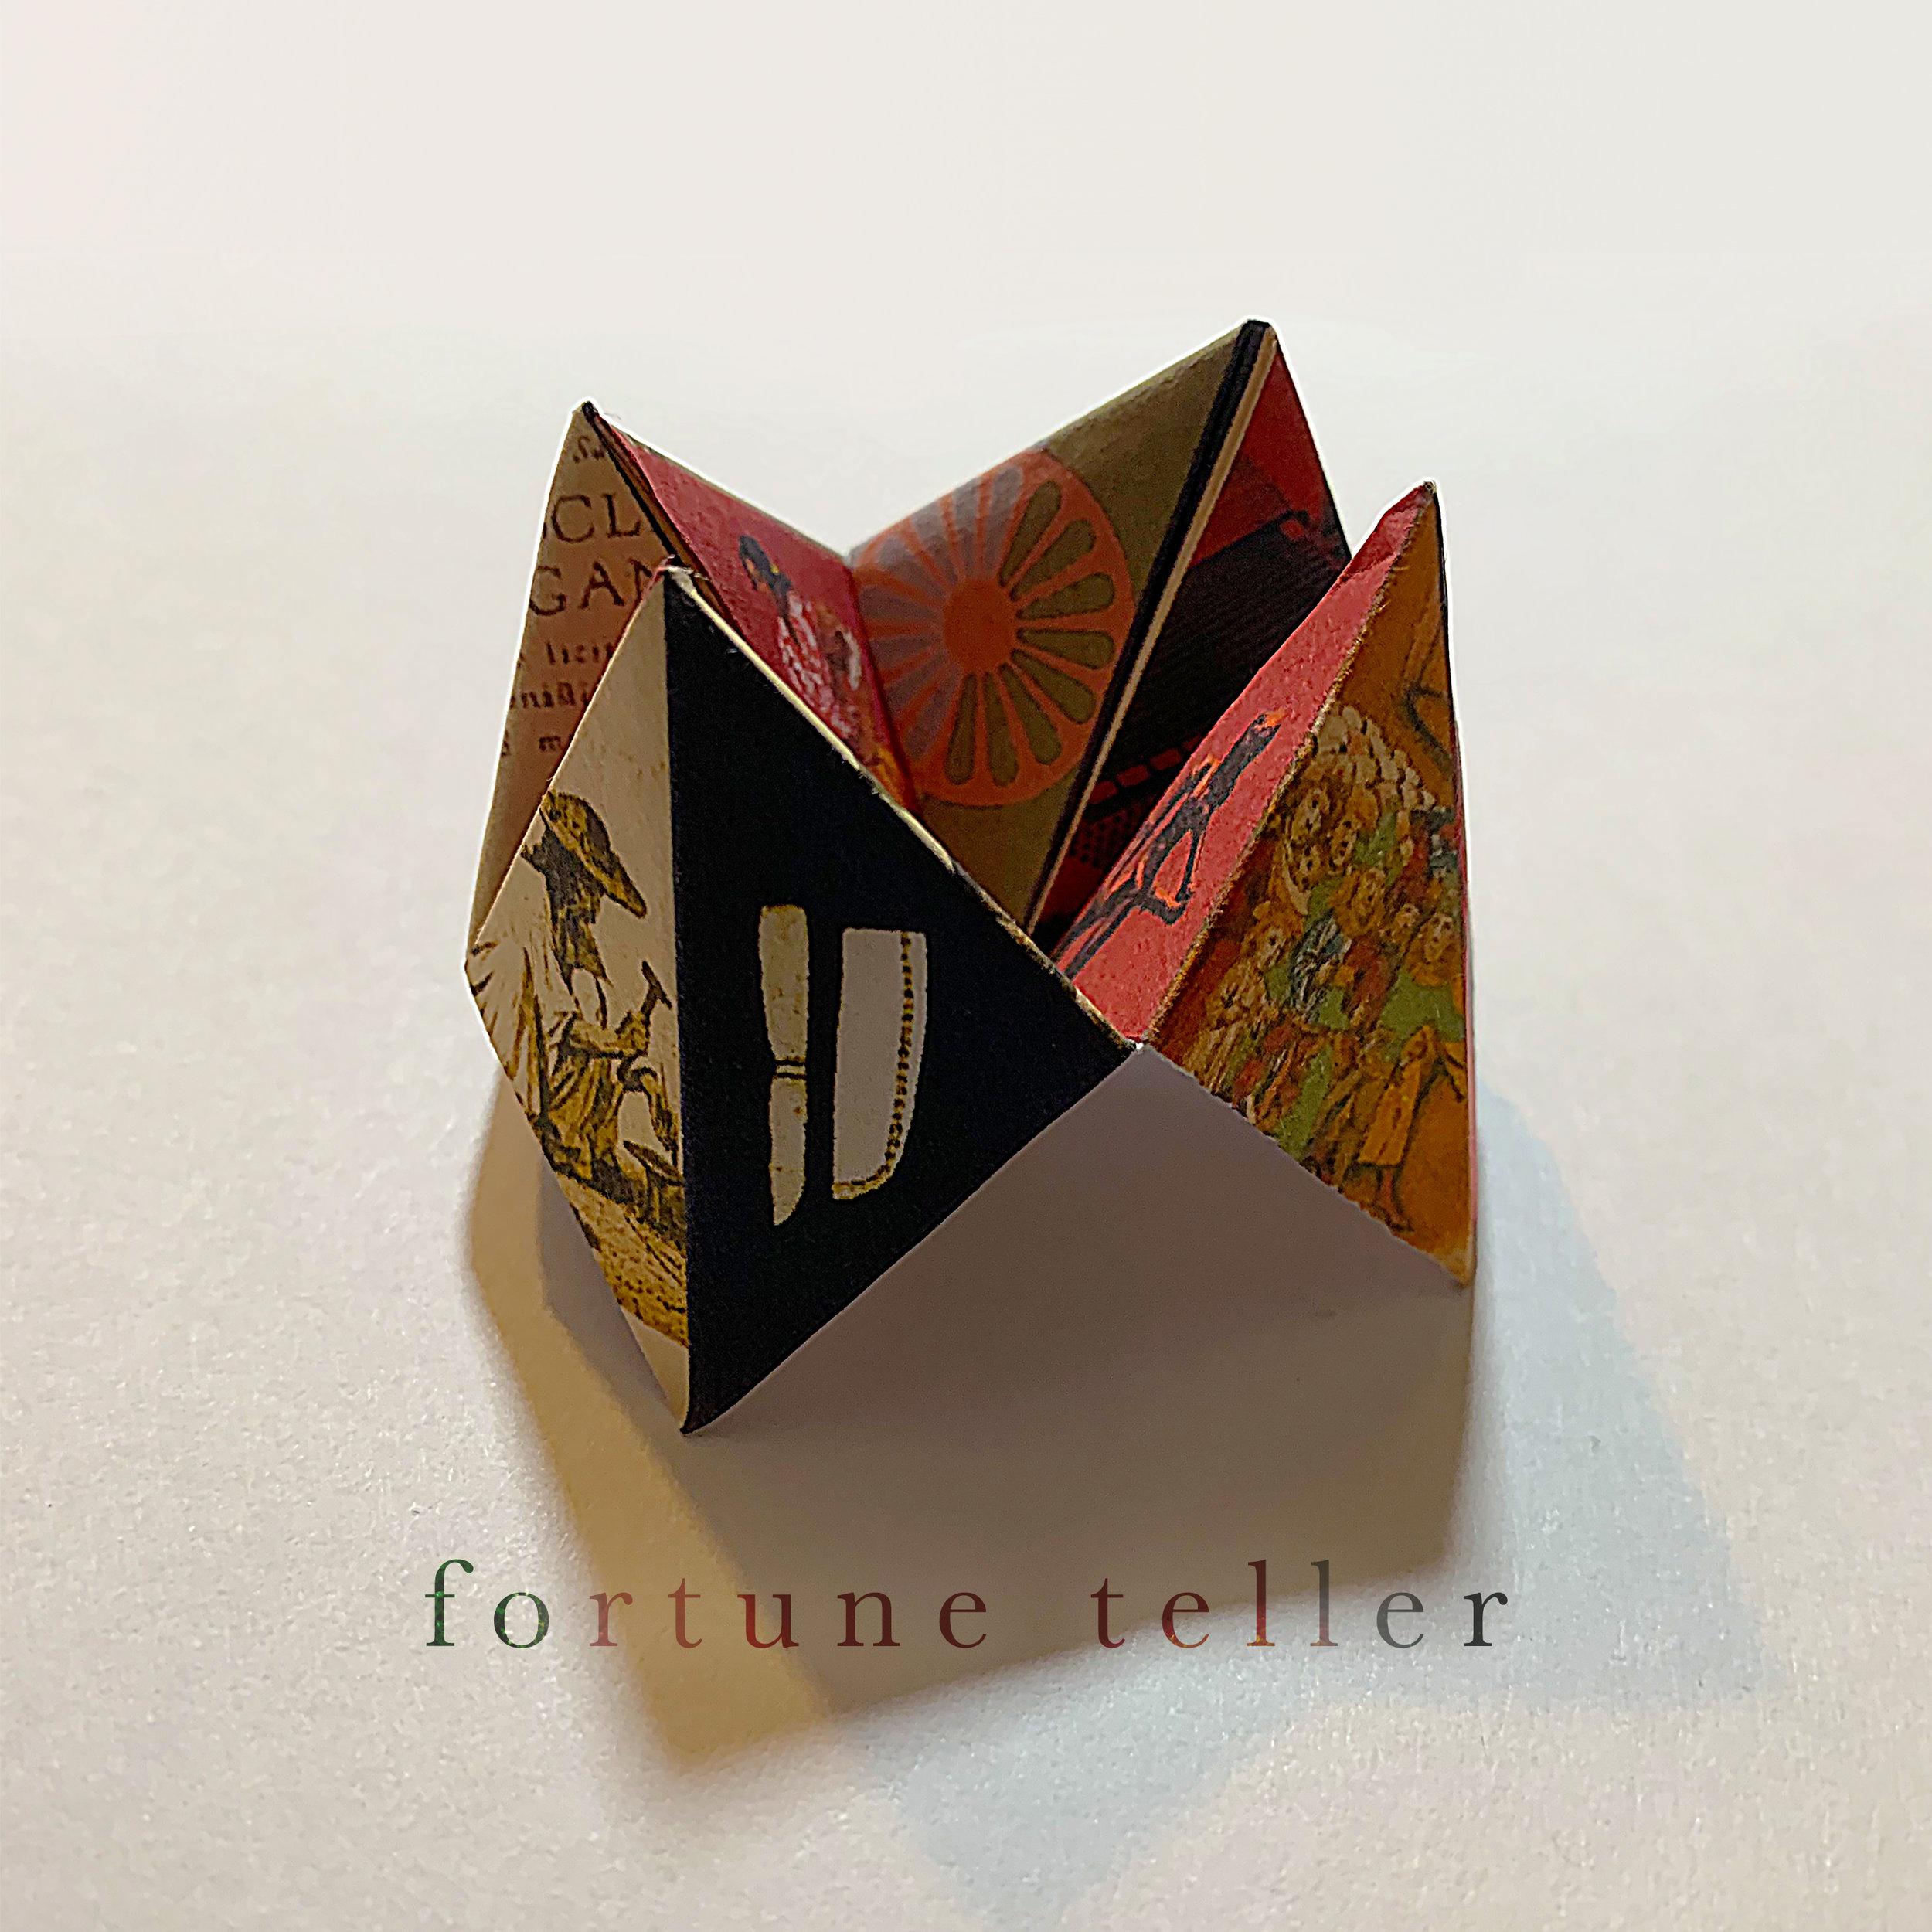 Fortune Teller Cover Art.jpg